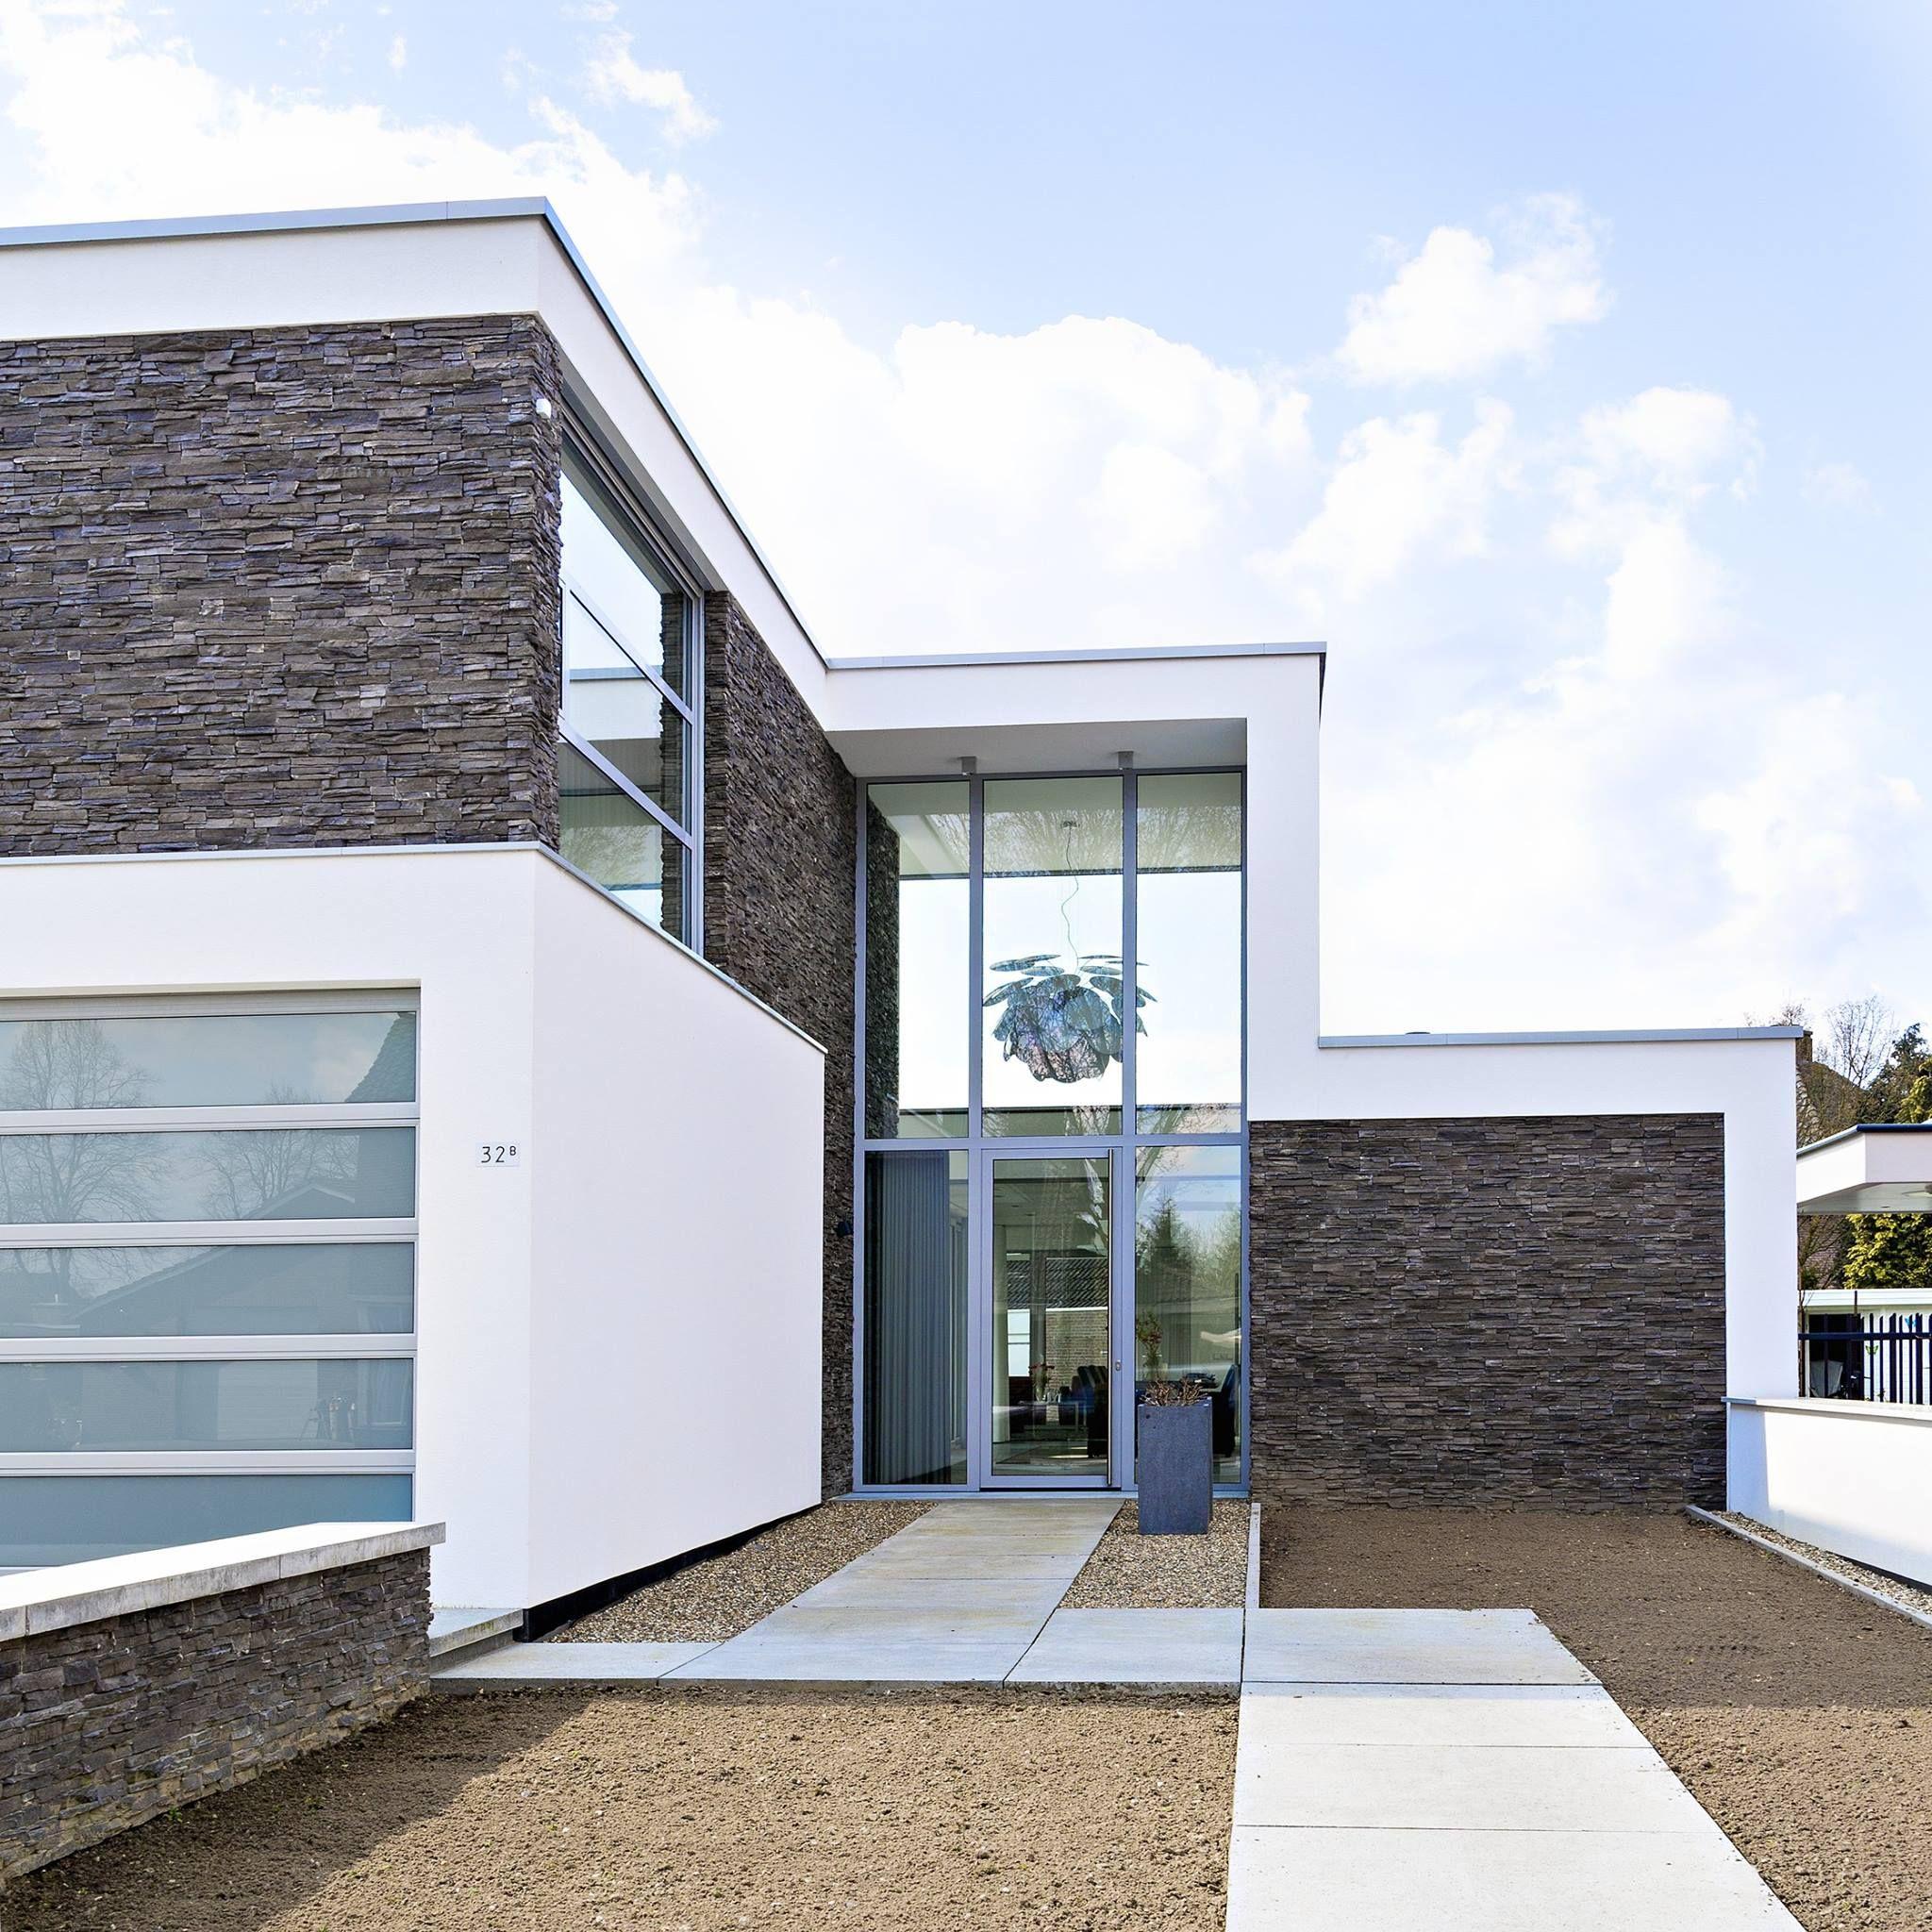 Dit mooie huis in Venray is voorzien van Strikotherm gevelisolatiesysteem COMFORT, met Strikotherm Spachtelpleister VARIOSTAR 1mm en als afwerking Strikolith Pearlcoat. Schitterend ontwerp van Lab32 architecten en prachtig aangebracht door Van Ballegooijen Afbouw BV!